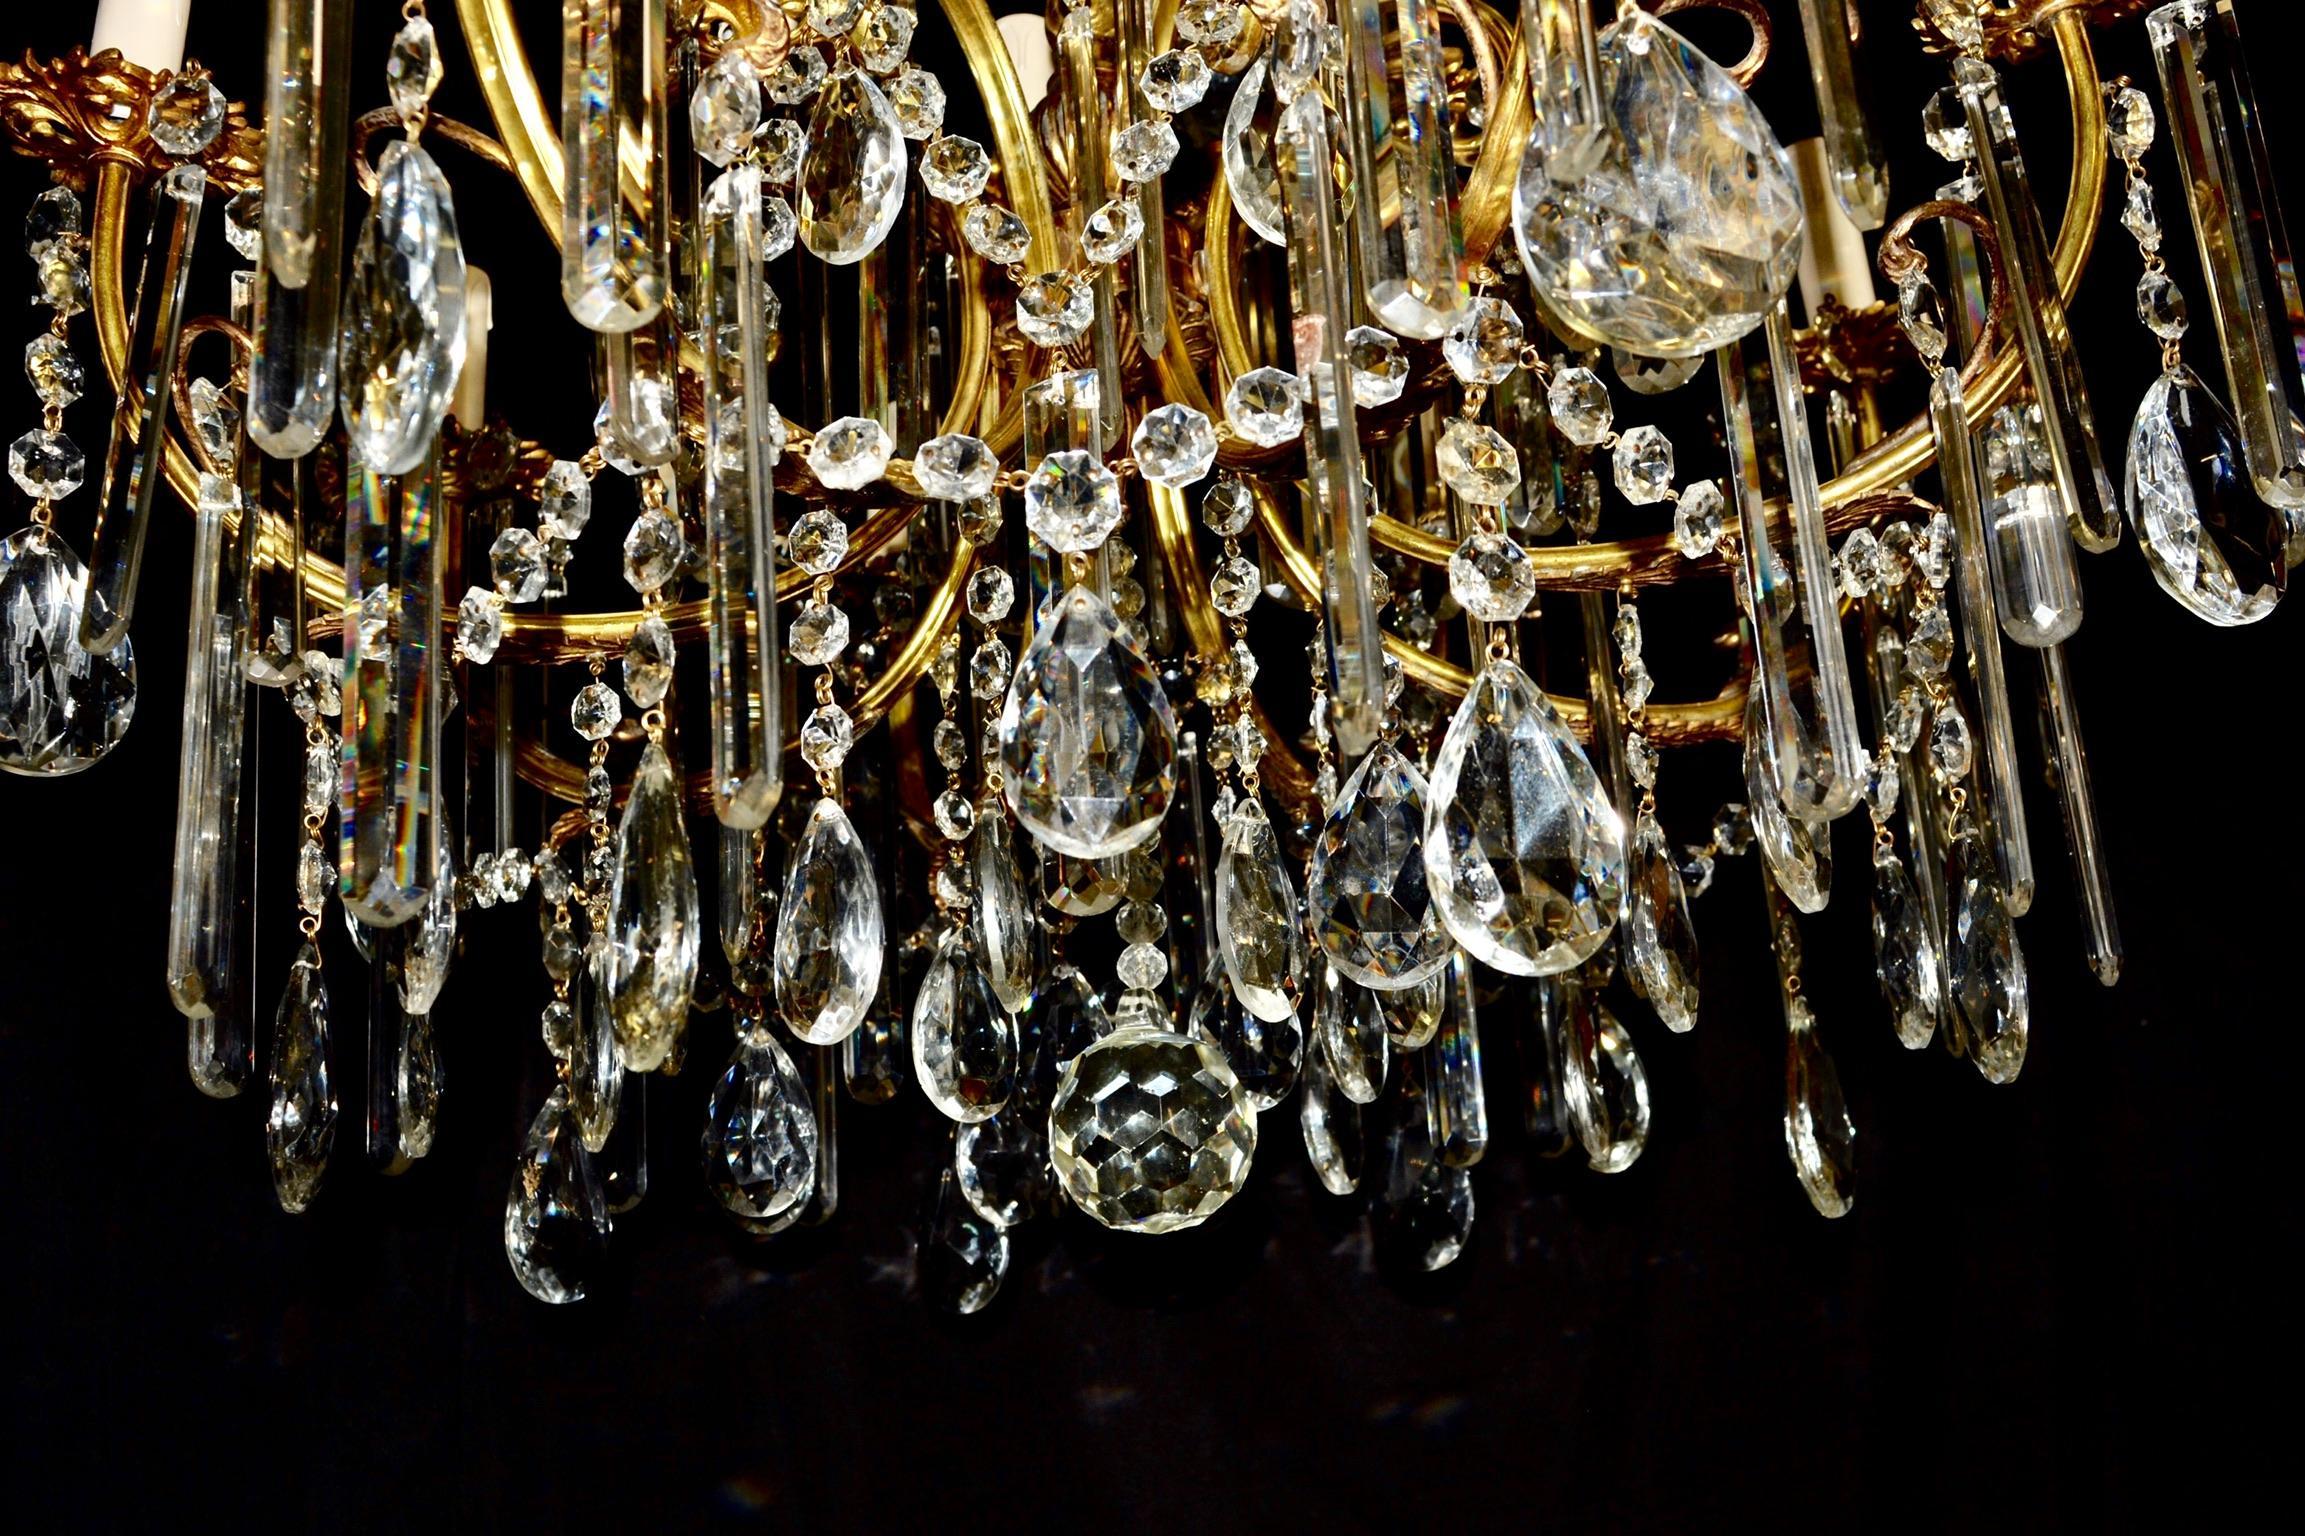 Kronleuchter Kristall Klein ~ Vergoldeter bohemia kronleuchter kristall antike deckenleuchte